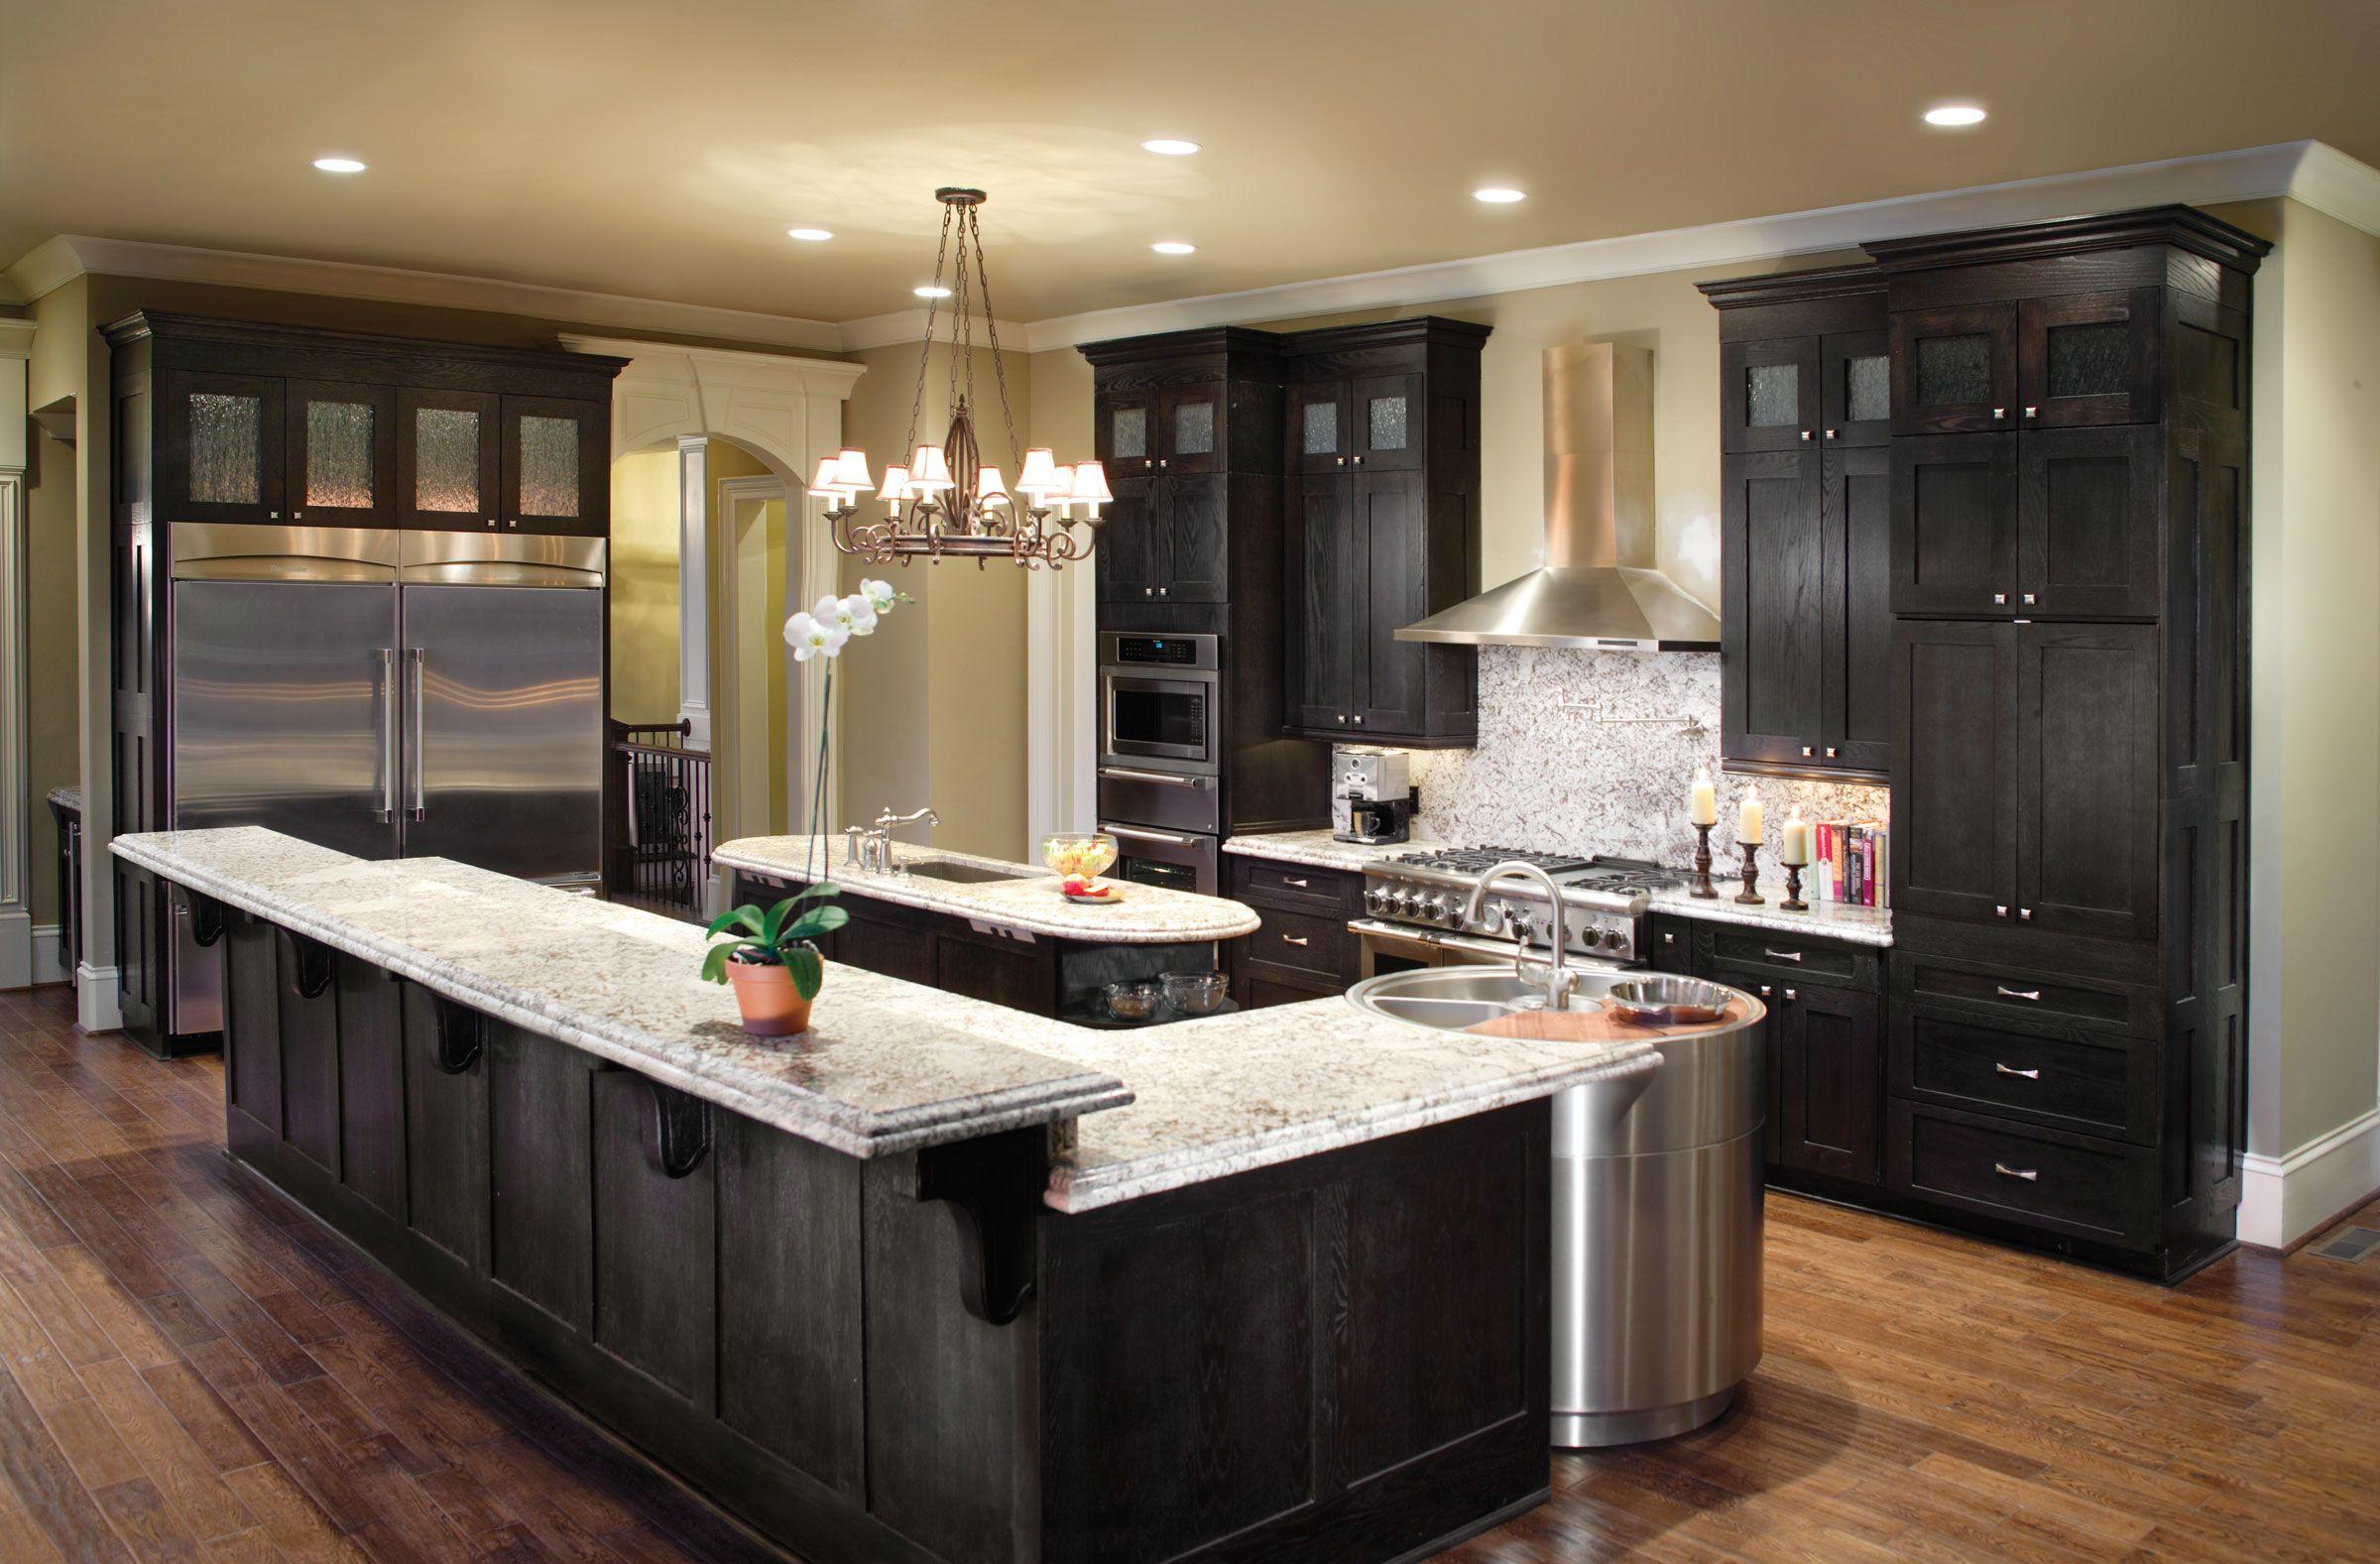 Benutzerdefinierte Küche Design Dies ist die neueste Informationen ...